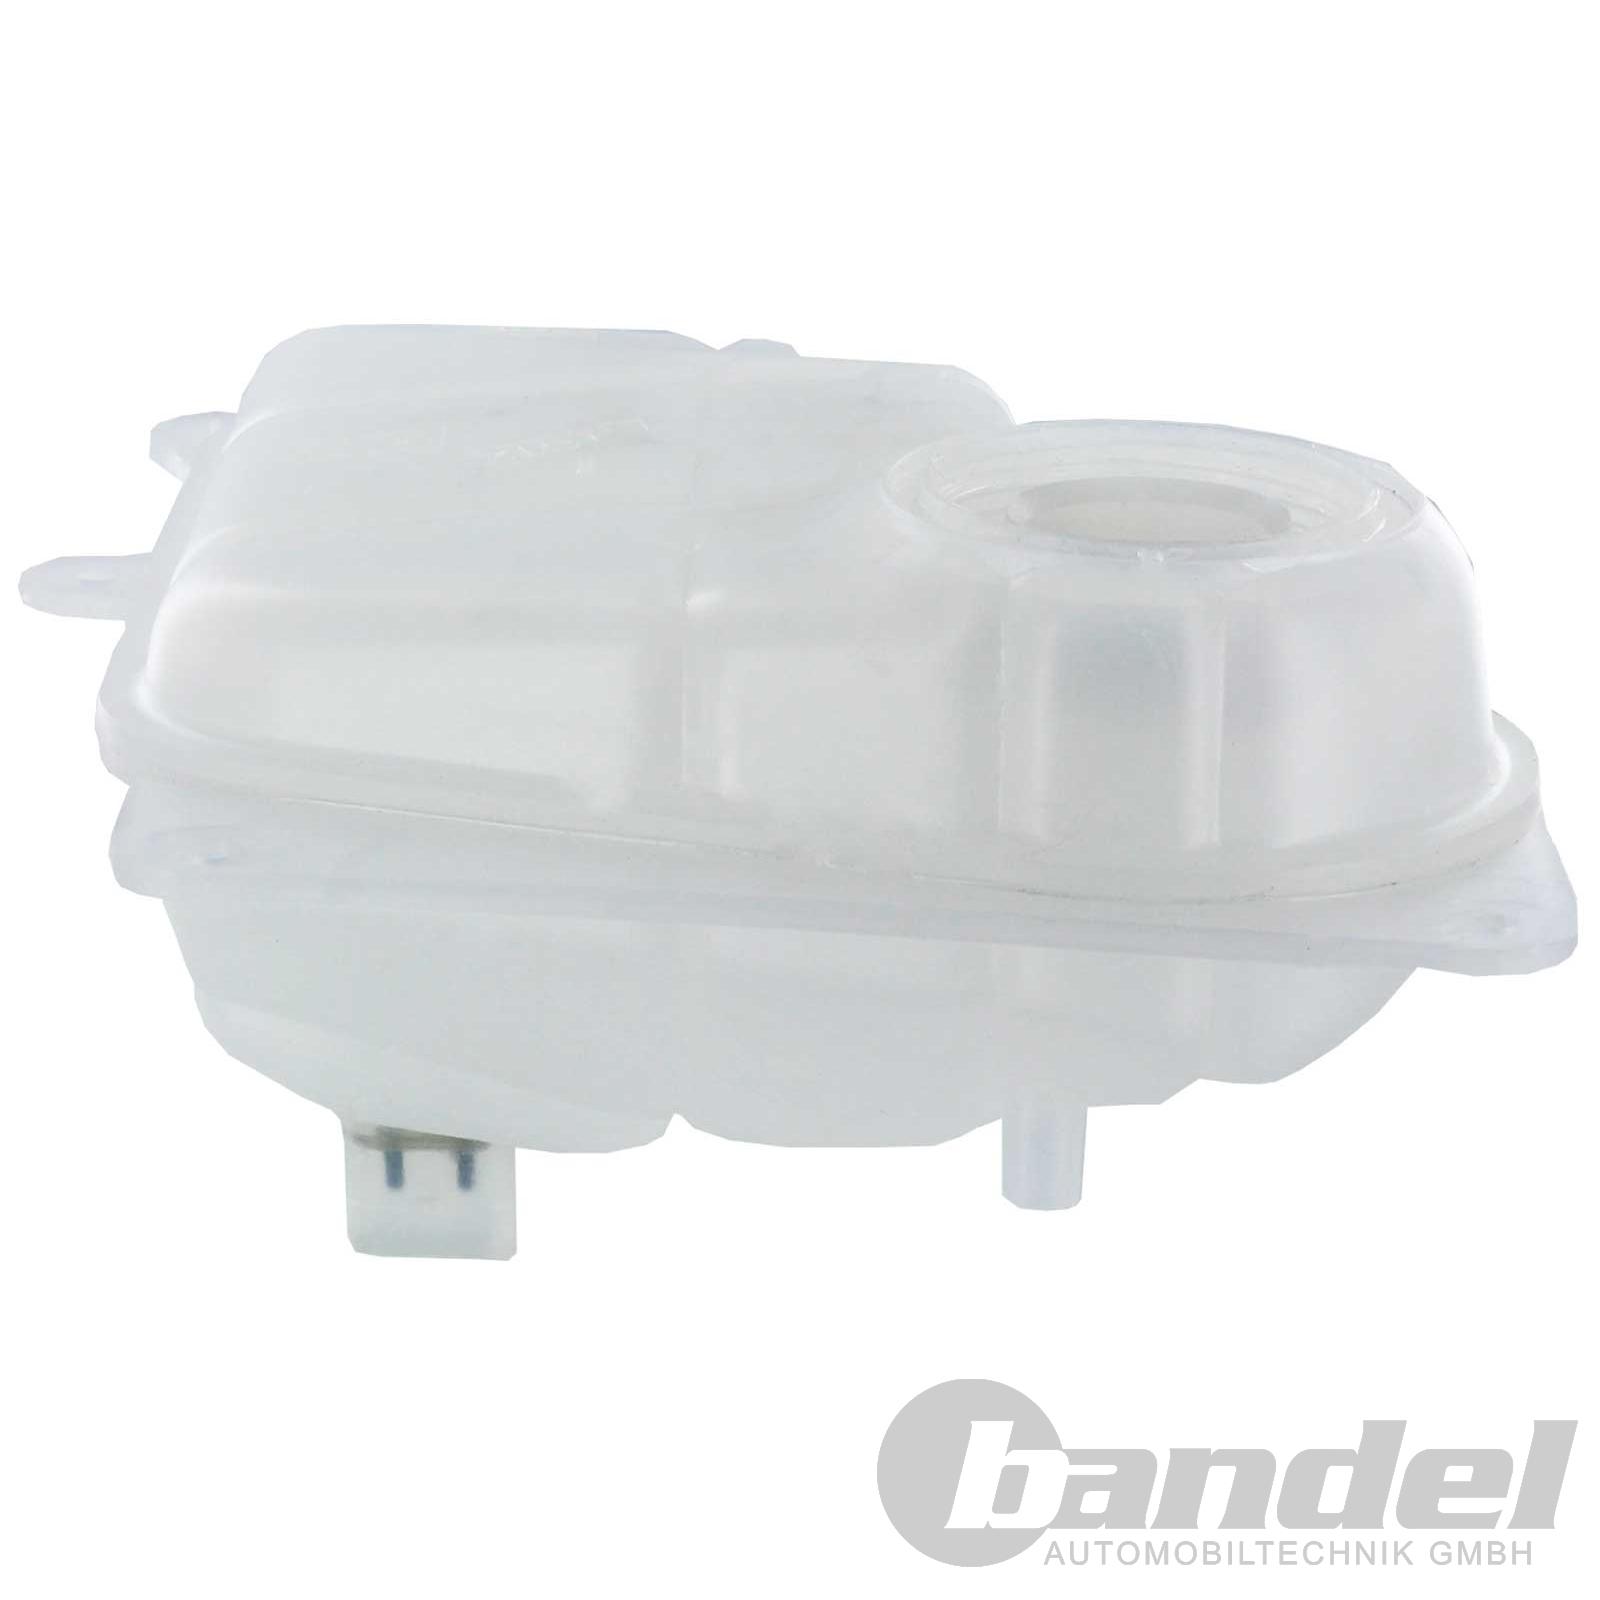 Kühlwasserbehälter Audi A6 Avant 2.5 TDI 4B C5 Ausgleichsbehälter Kühlwasser NEU